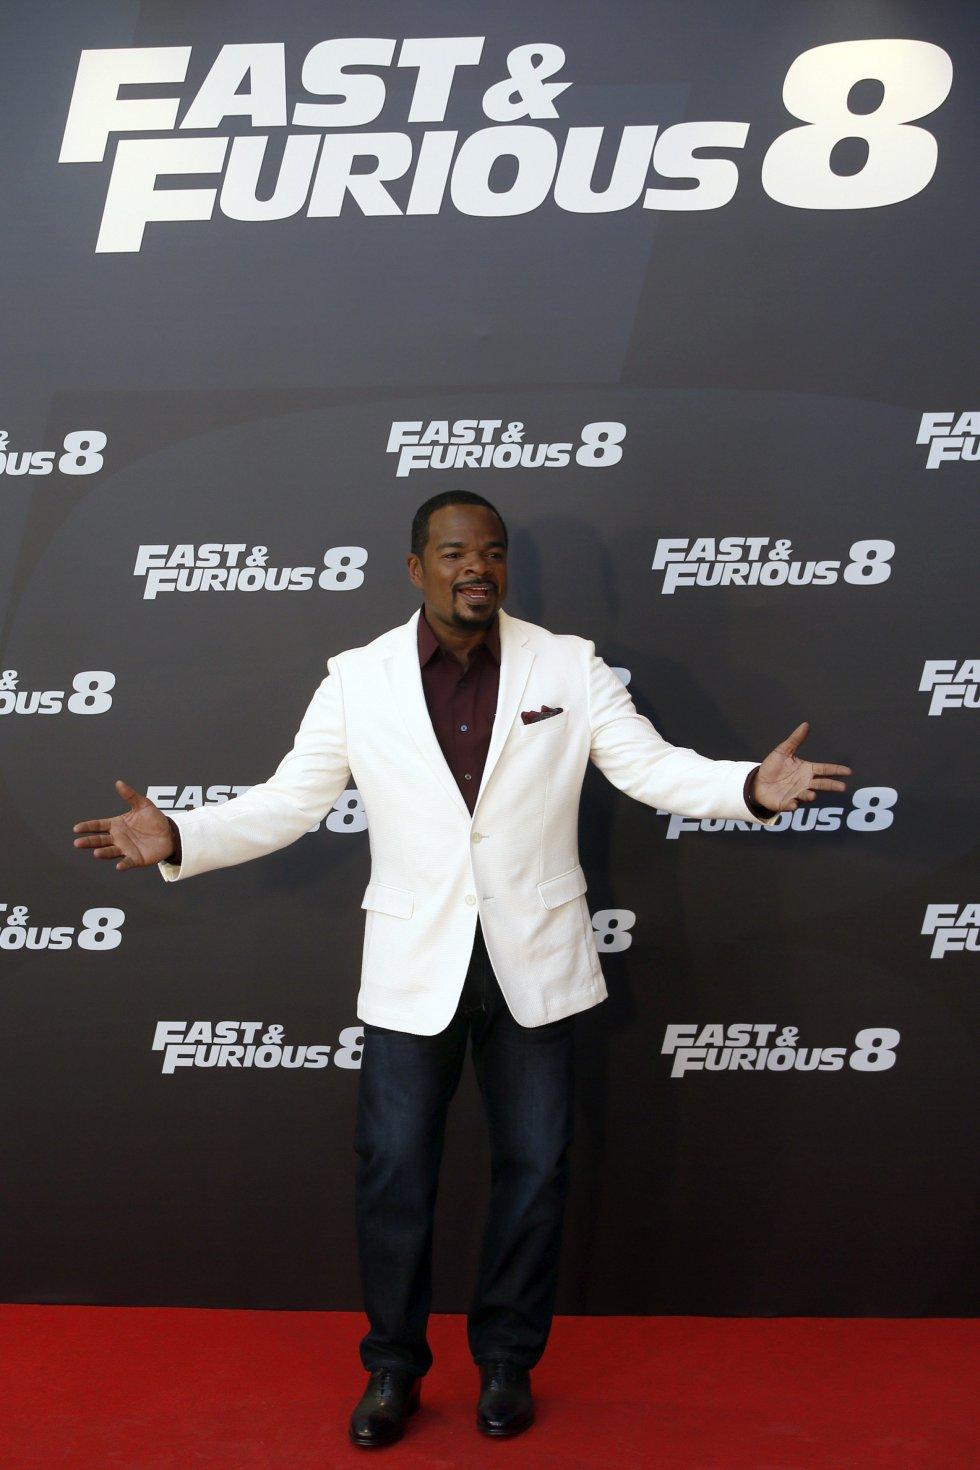 El director Felix Gary Gray posa durante el acto de promoción de la película 'Fast & Furious 8', que dirige y presenta en Madrid, España.